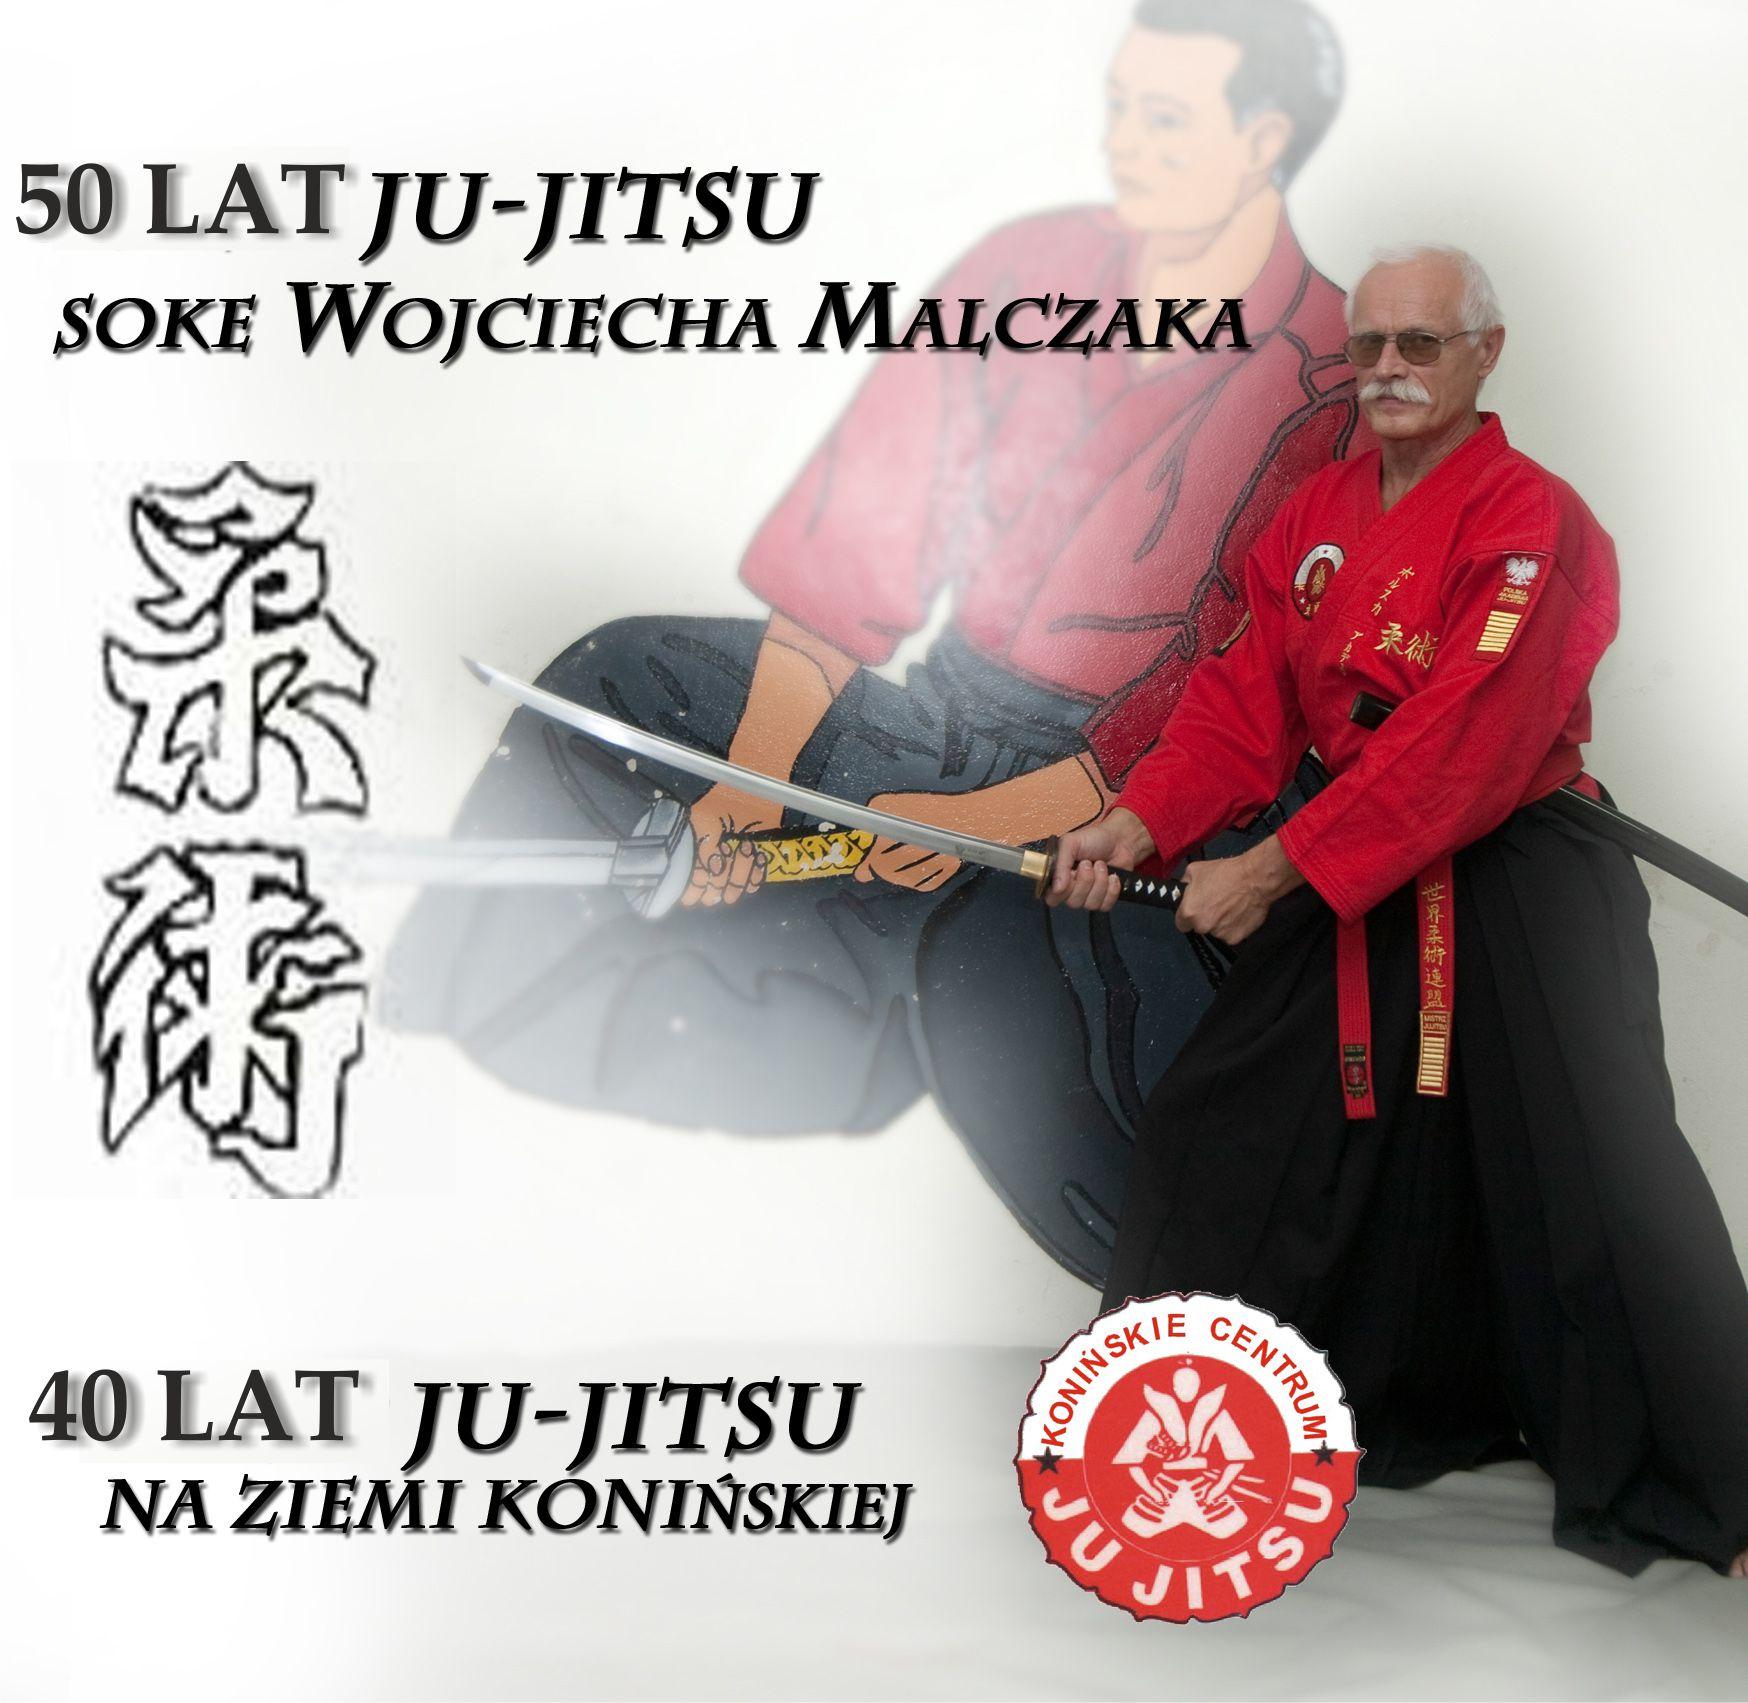 50 lat Ju Jitsu